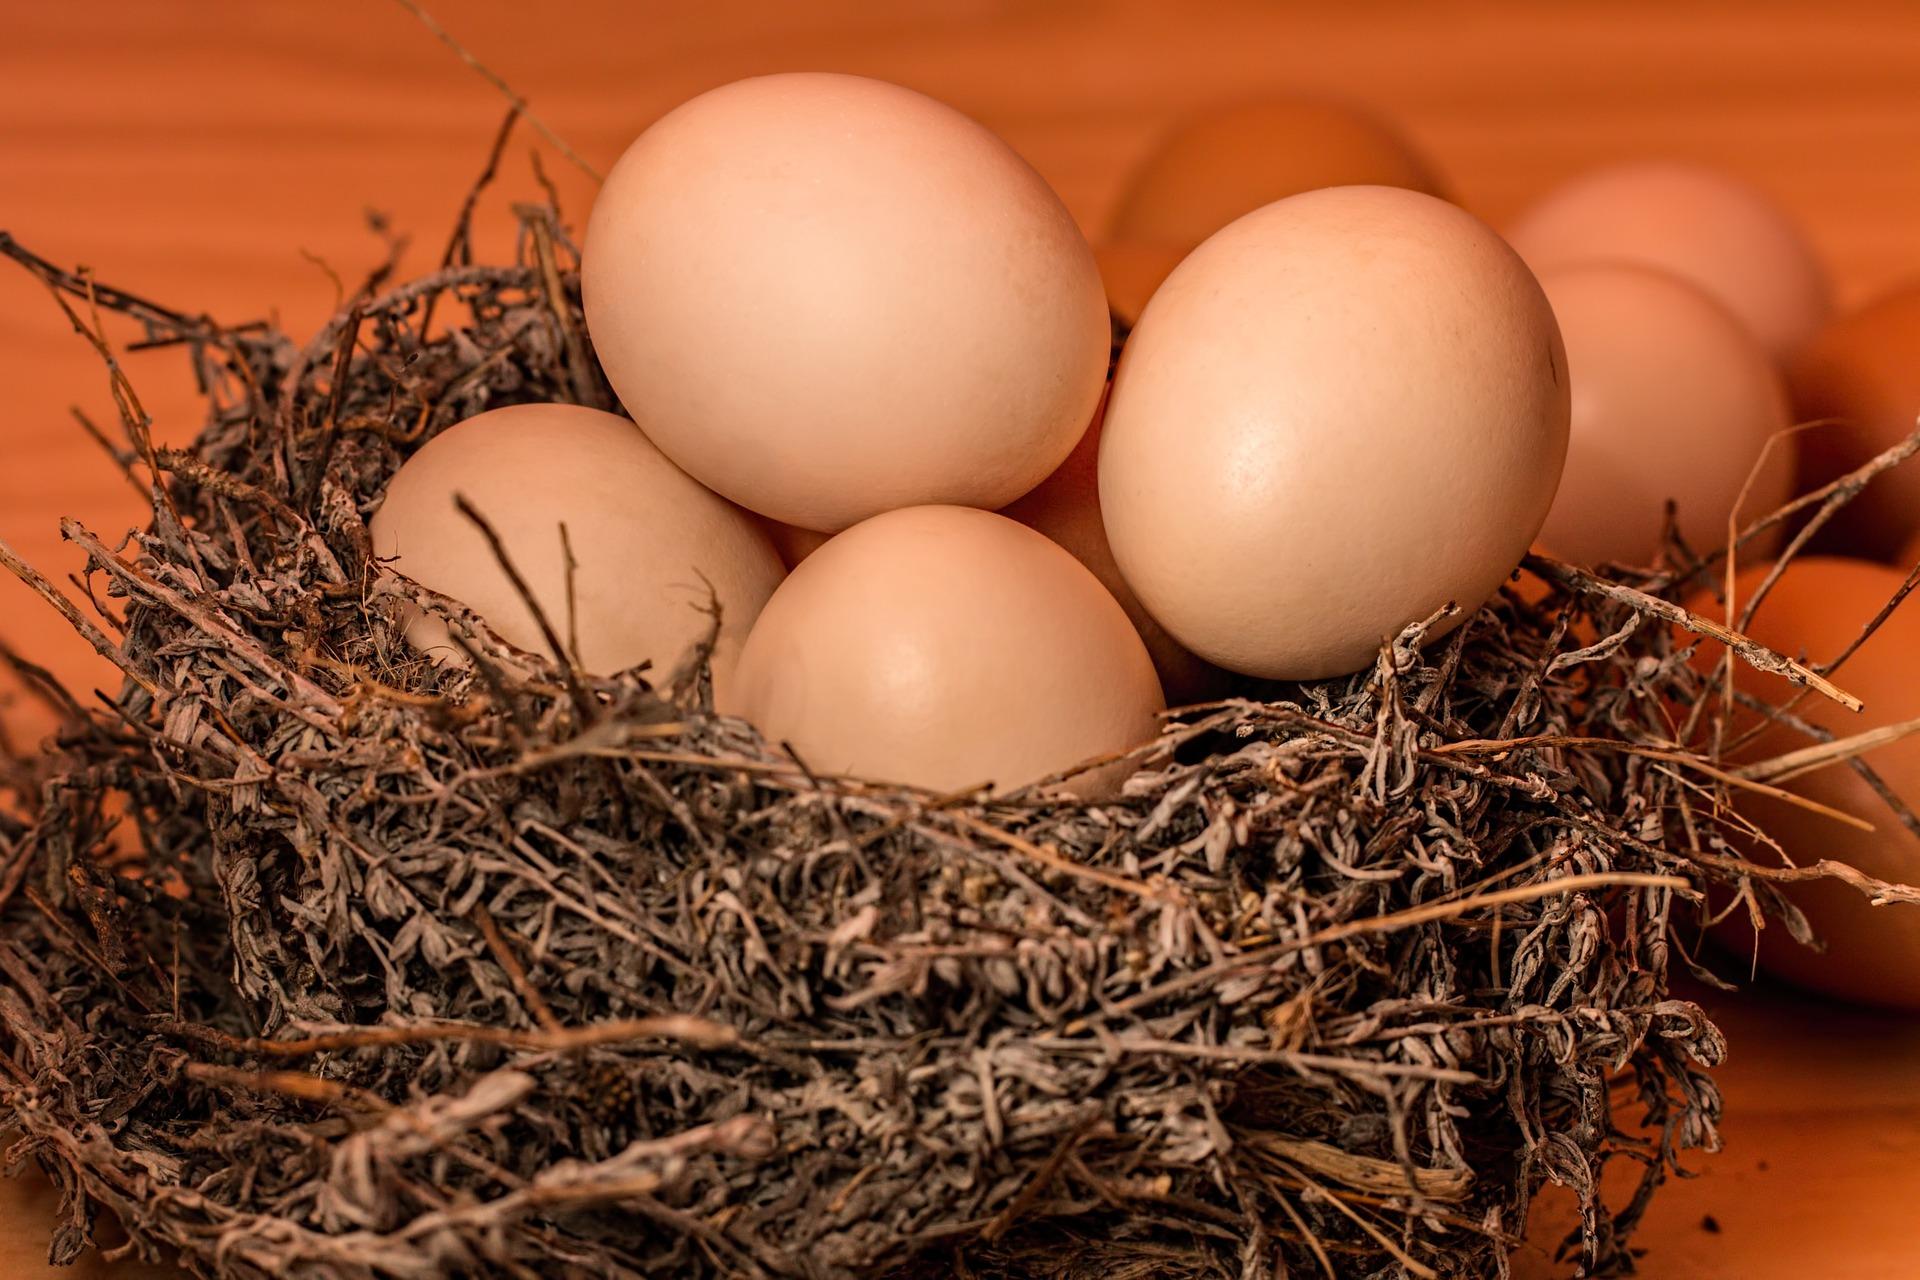 夢占いで卵が意味するサインは?卵が夢に出てきた夢の意味を解説